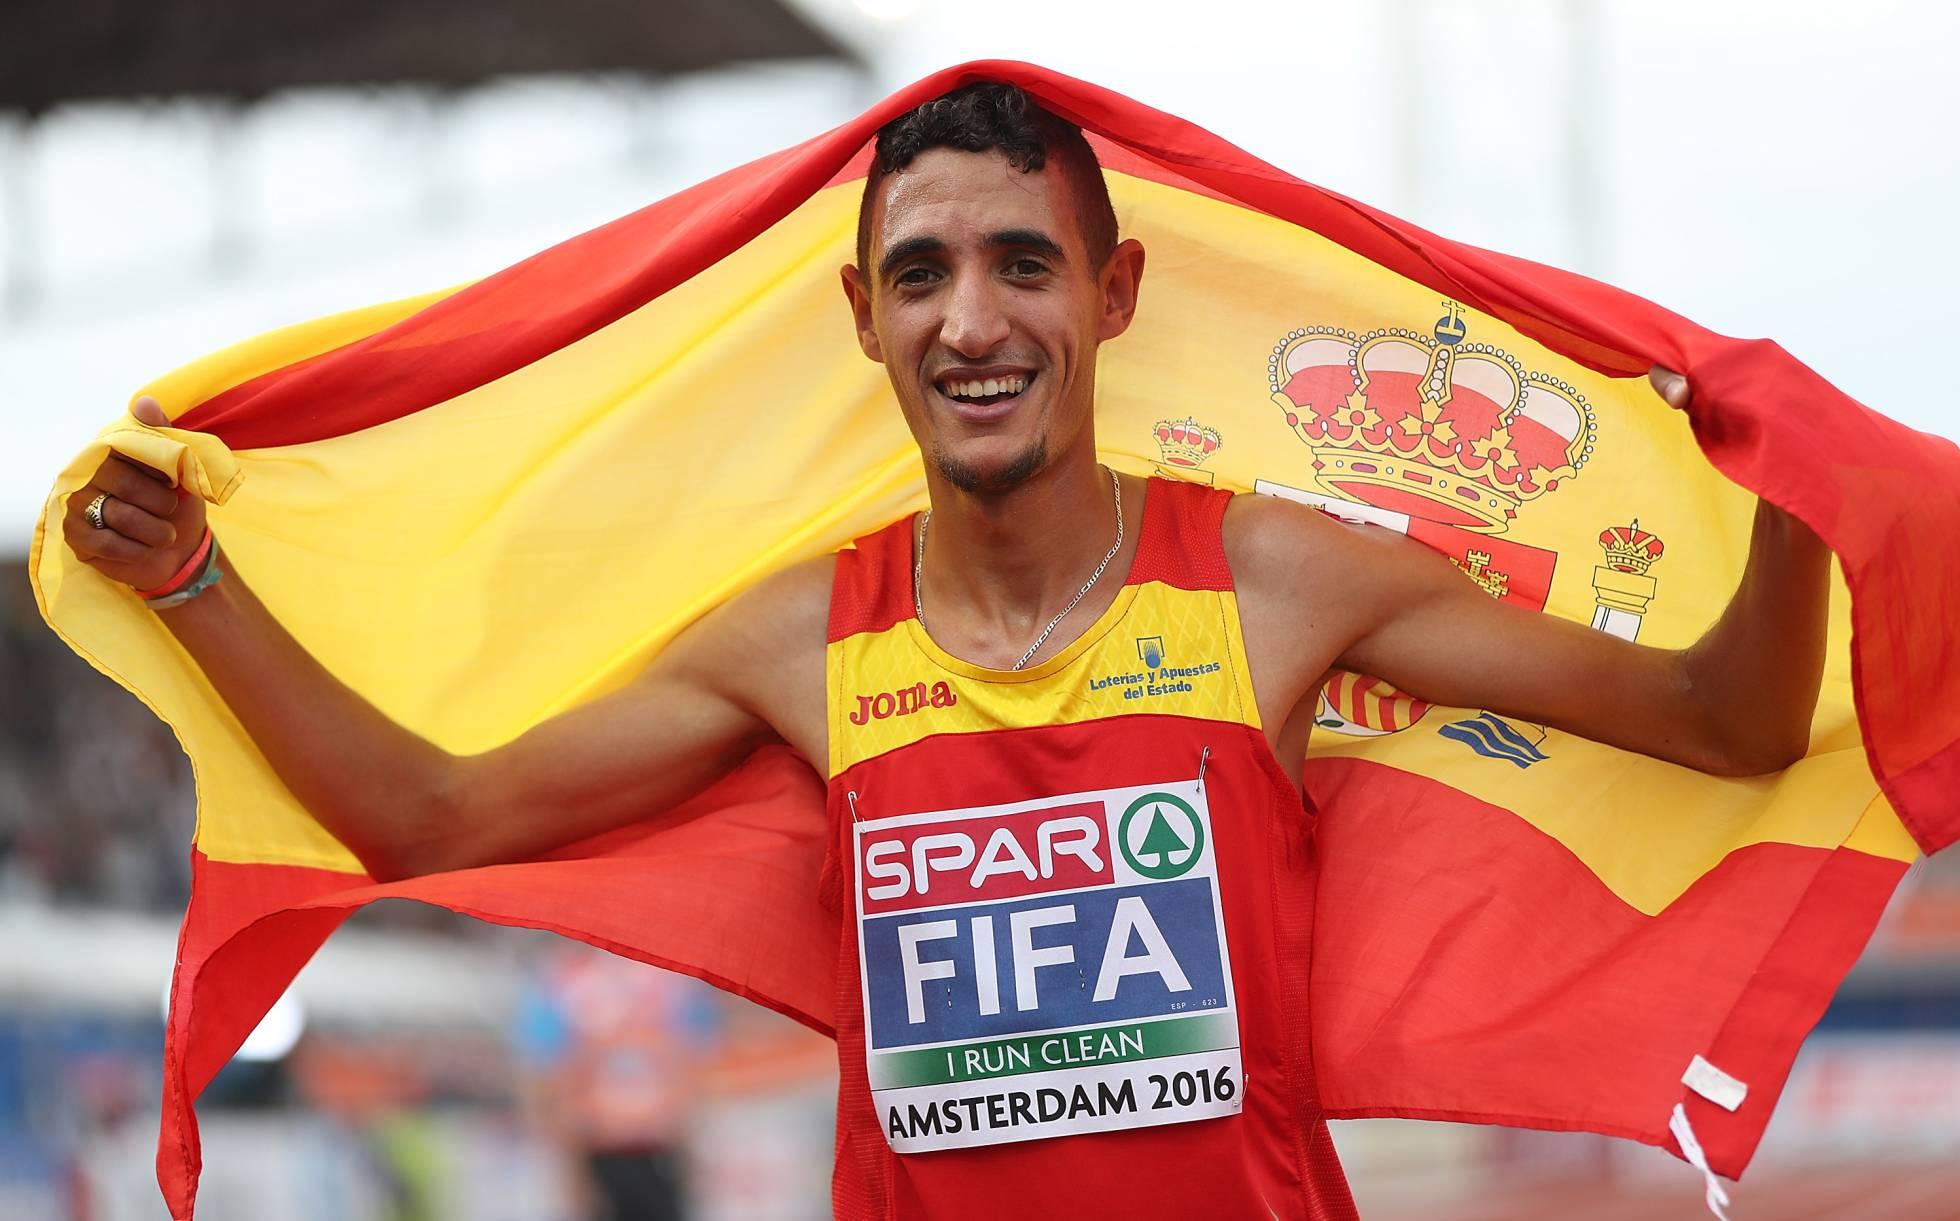 Detenido por dopaje el atleta español Fifa, campeón de Europa de 5000 metros